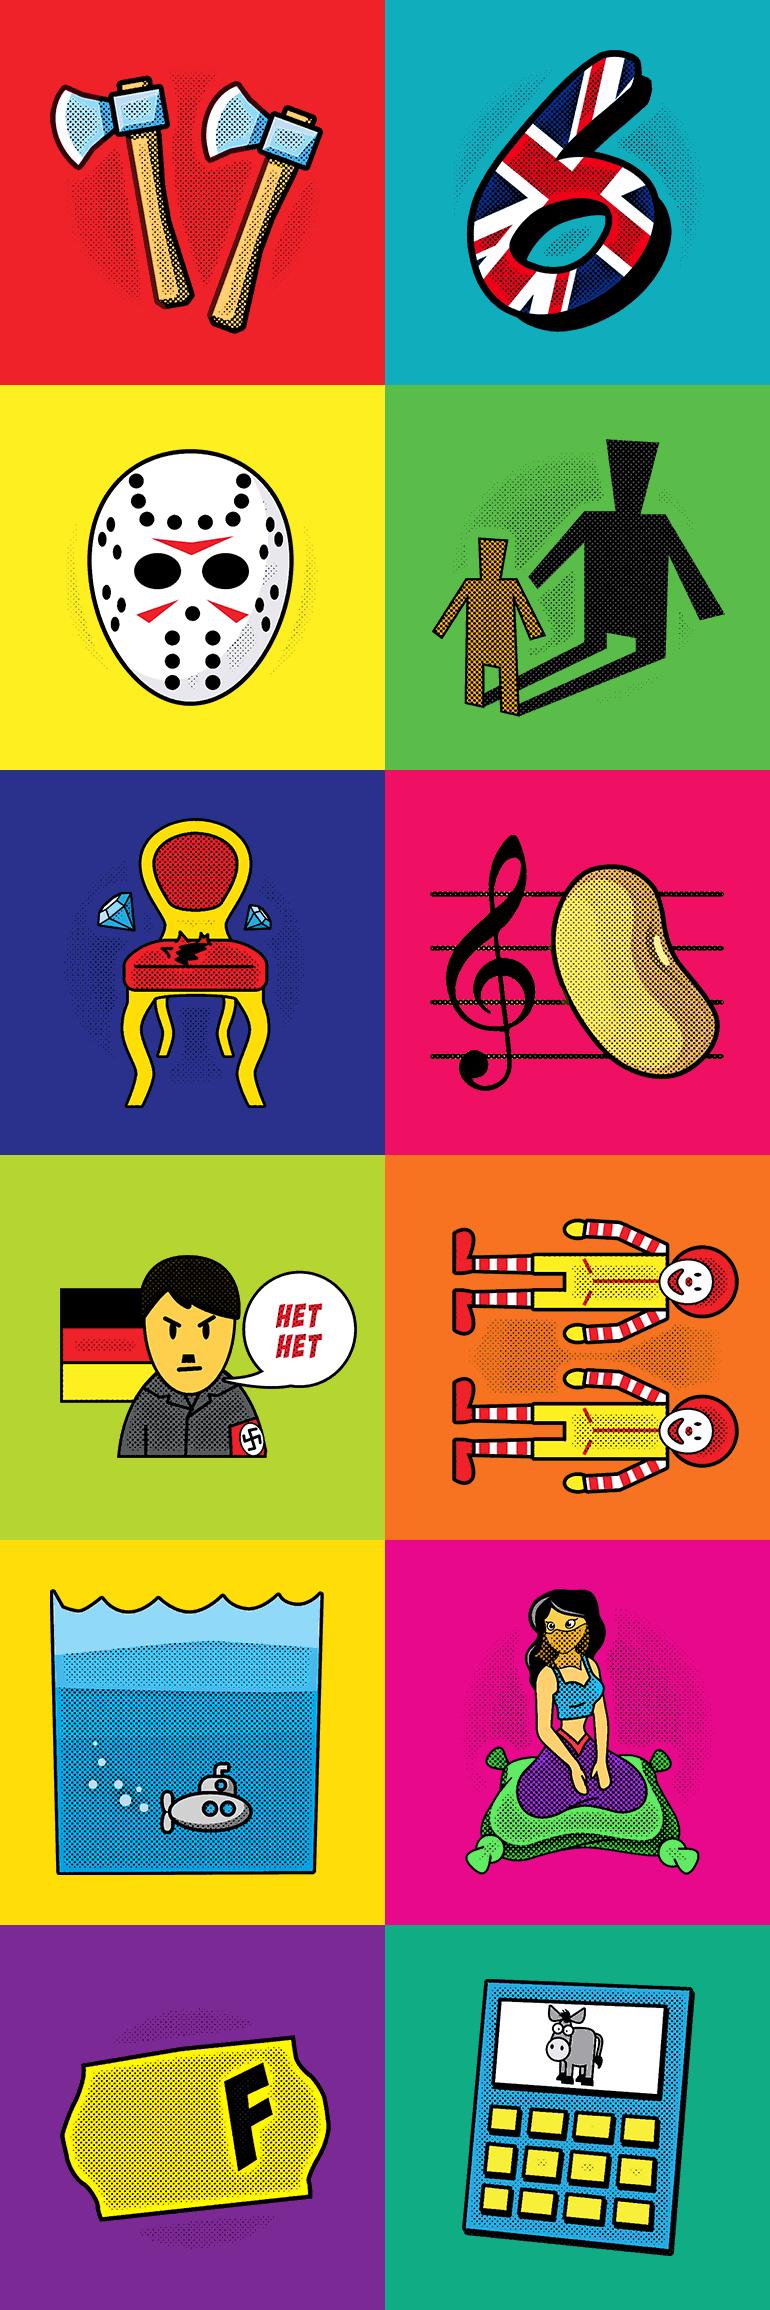 Иллюстрации для викторины